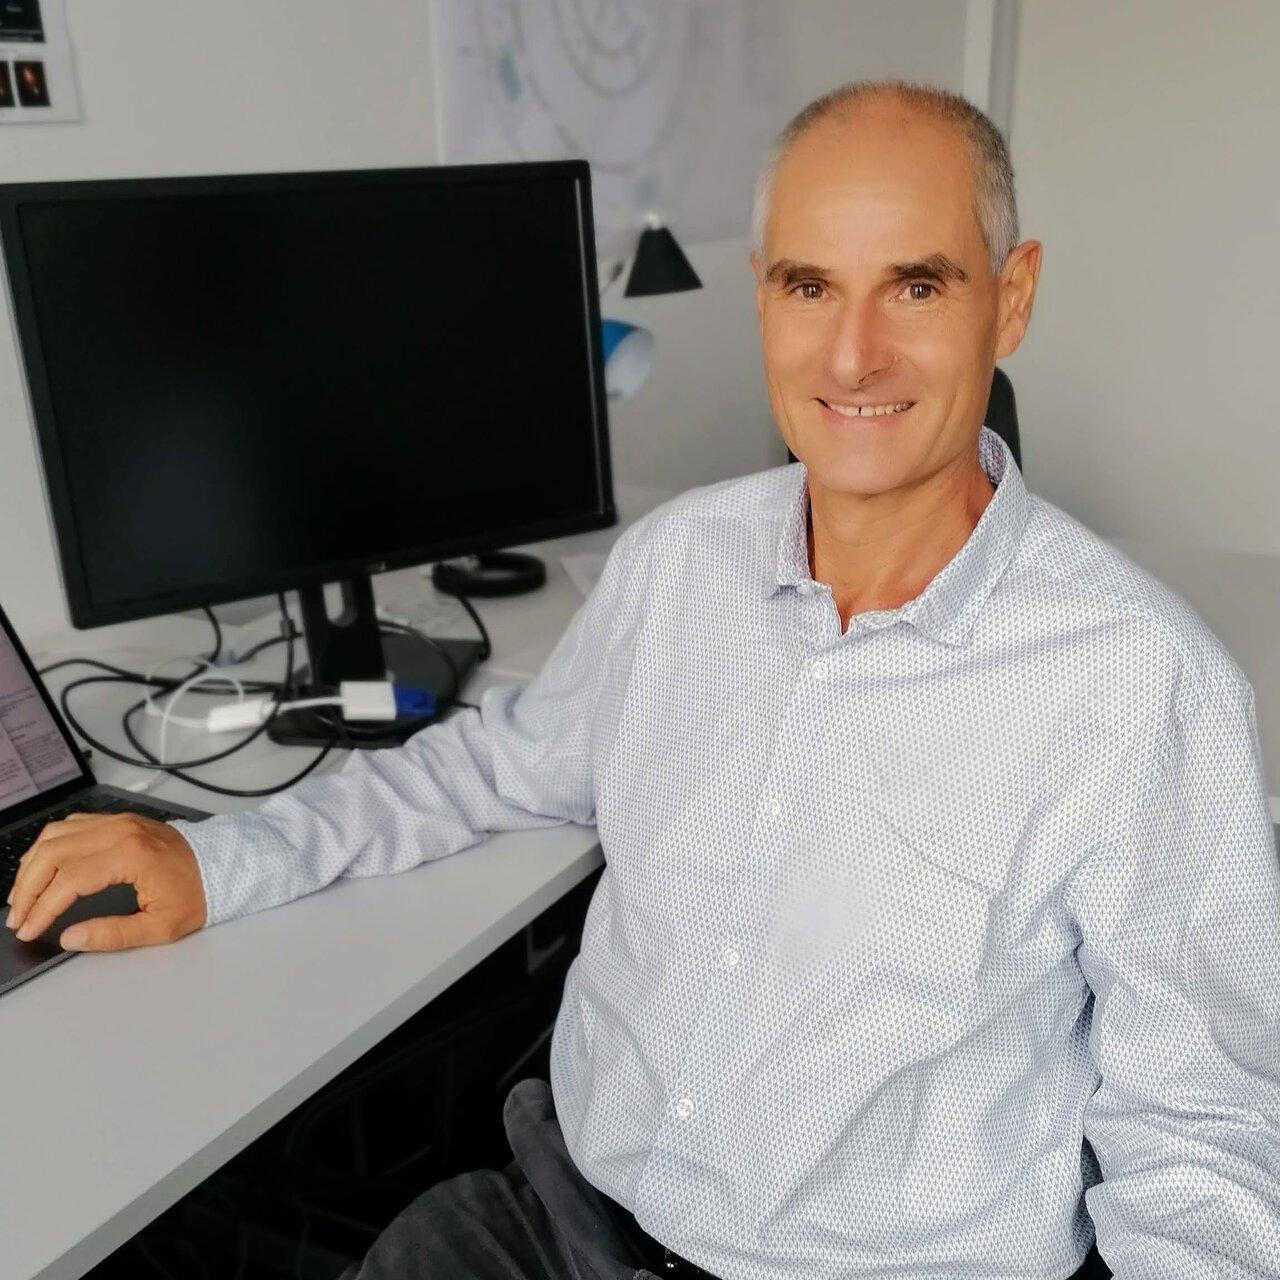 Fabio Biancat Marchet